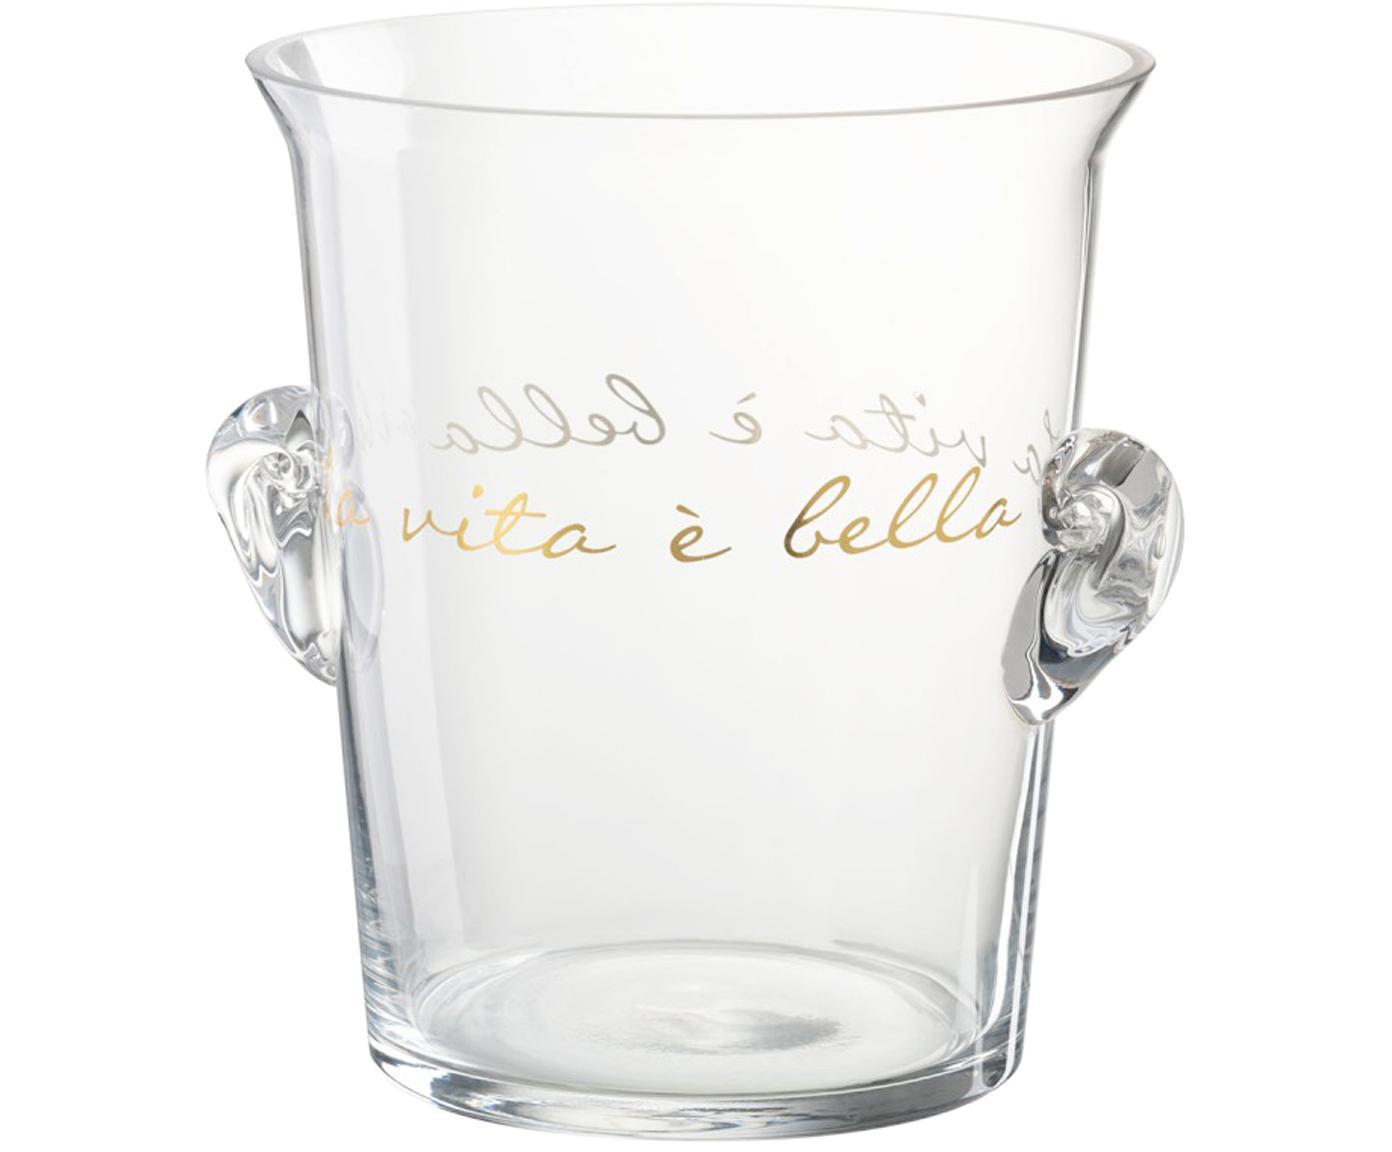 Eiseimer La Vita mit goldfarbener Aufschrift, Glas, Transparent, Goldfarben, Ø 19 x H 21 cm